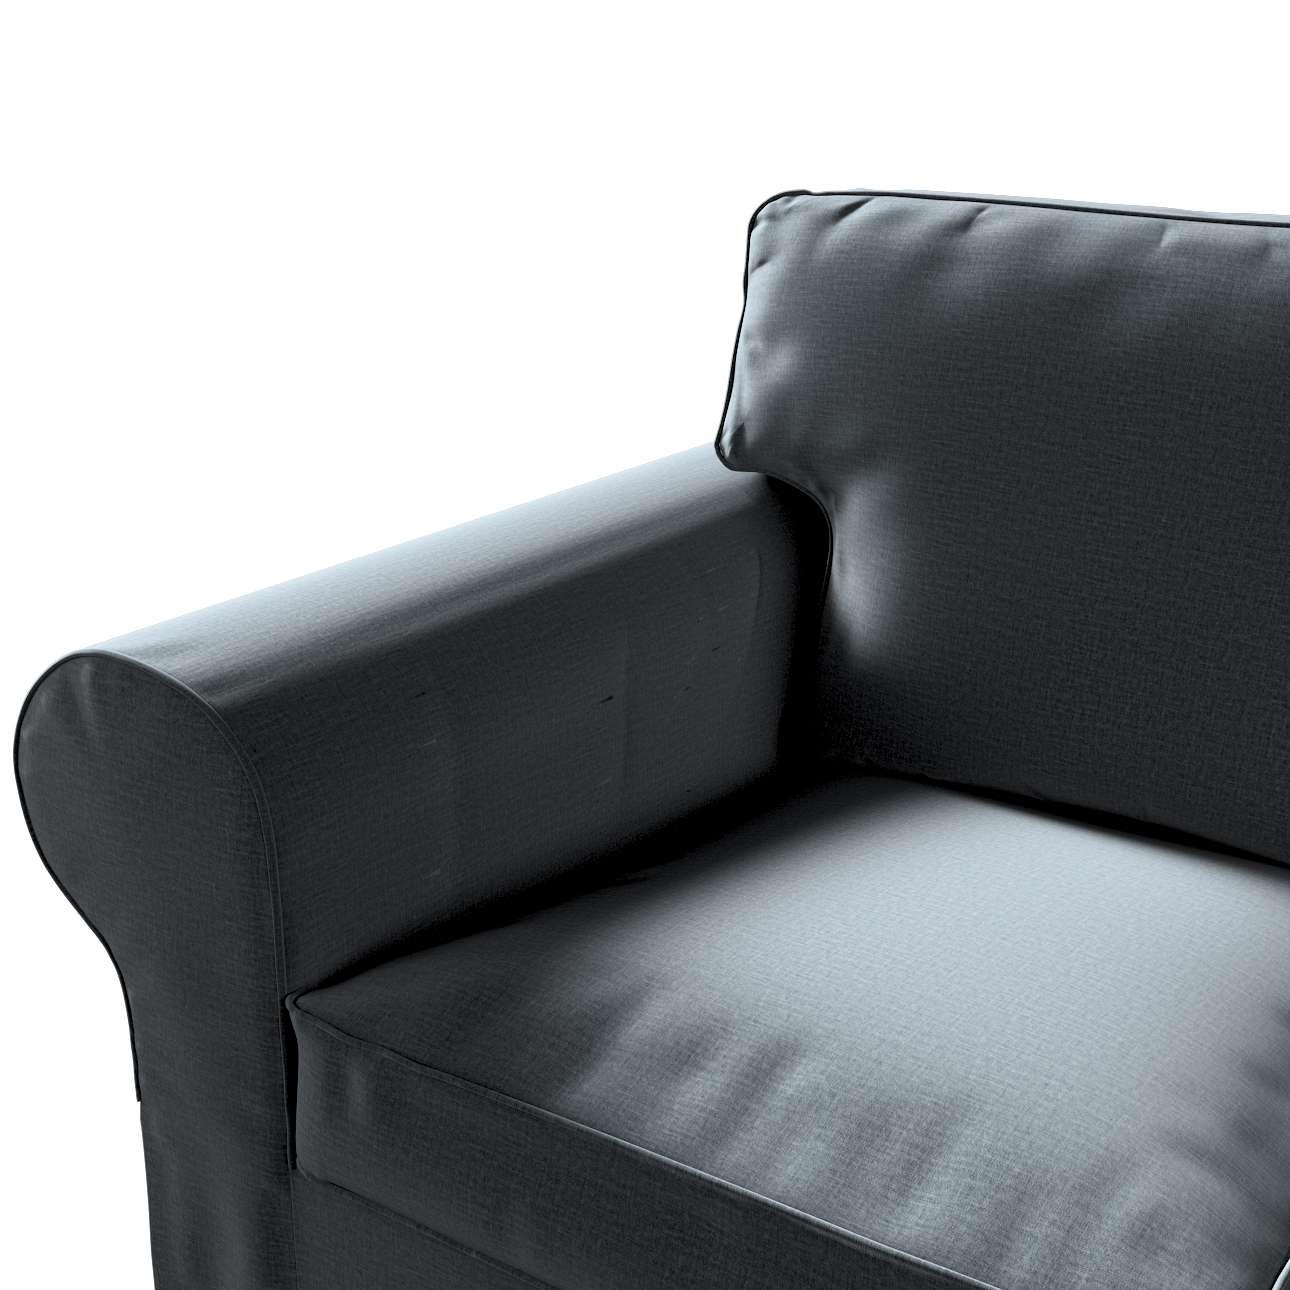 Pokrowiec na sofę Ektorp 3-osobową, rozkładaną, PIXBO w kolekcji Ingrid, tkanina: 705-43